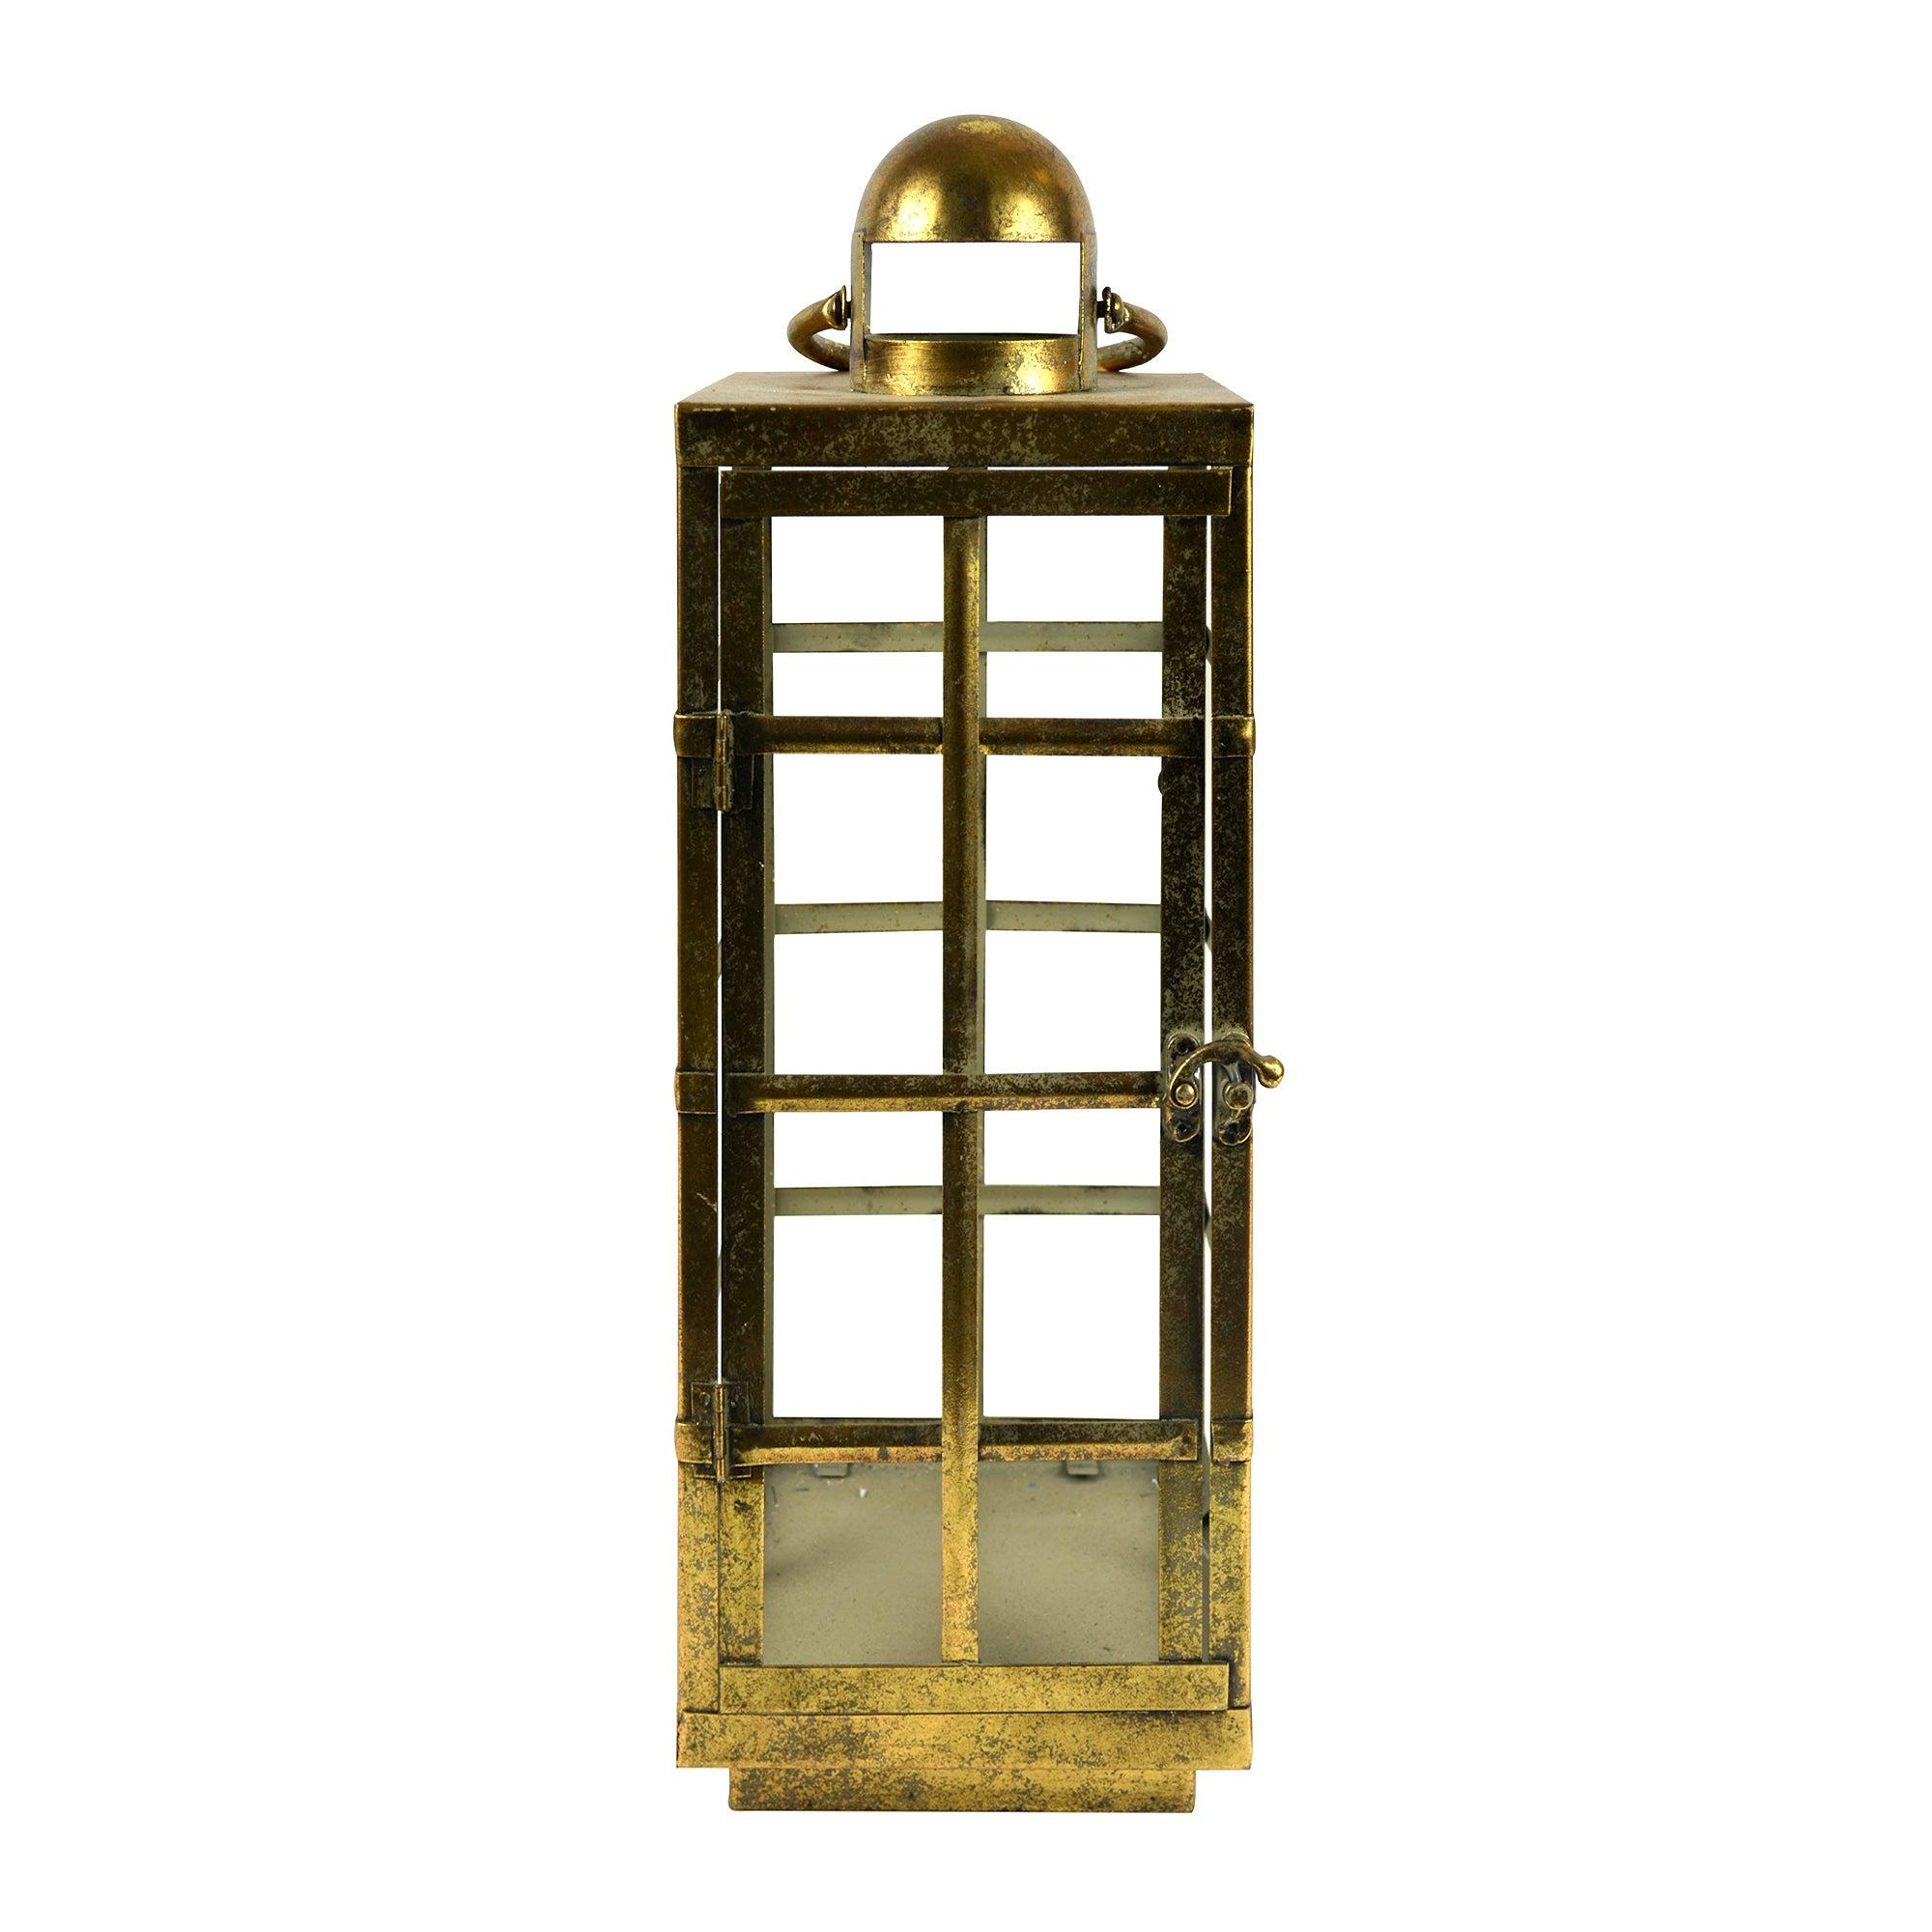 Gold Hanging Lantern